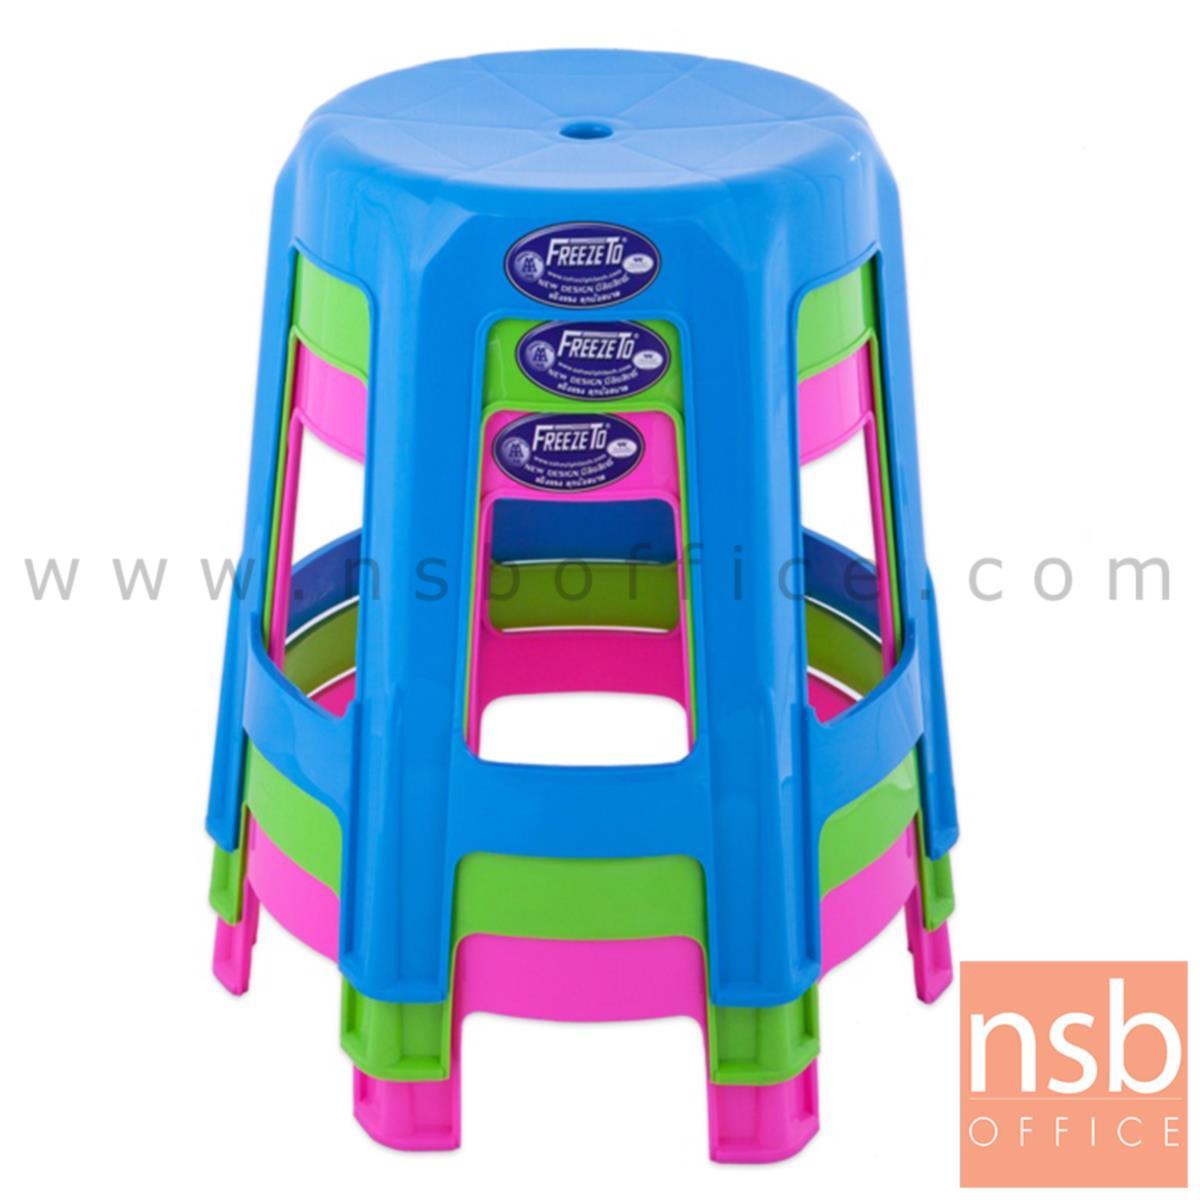 เก้าอี้พลาสติกกลม 6 ขา  รุ่น OK _CHAIR ซ้อนทับได้ (พลาสติกเกรด A)